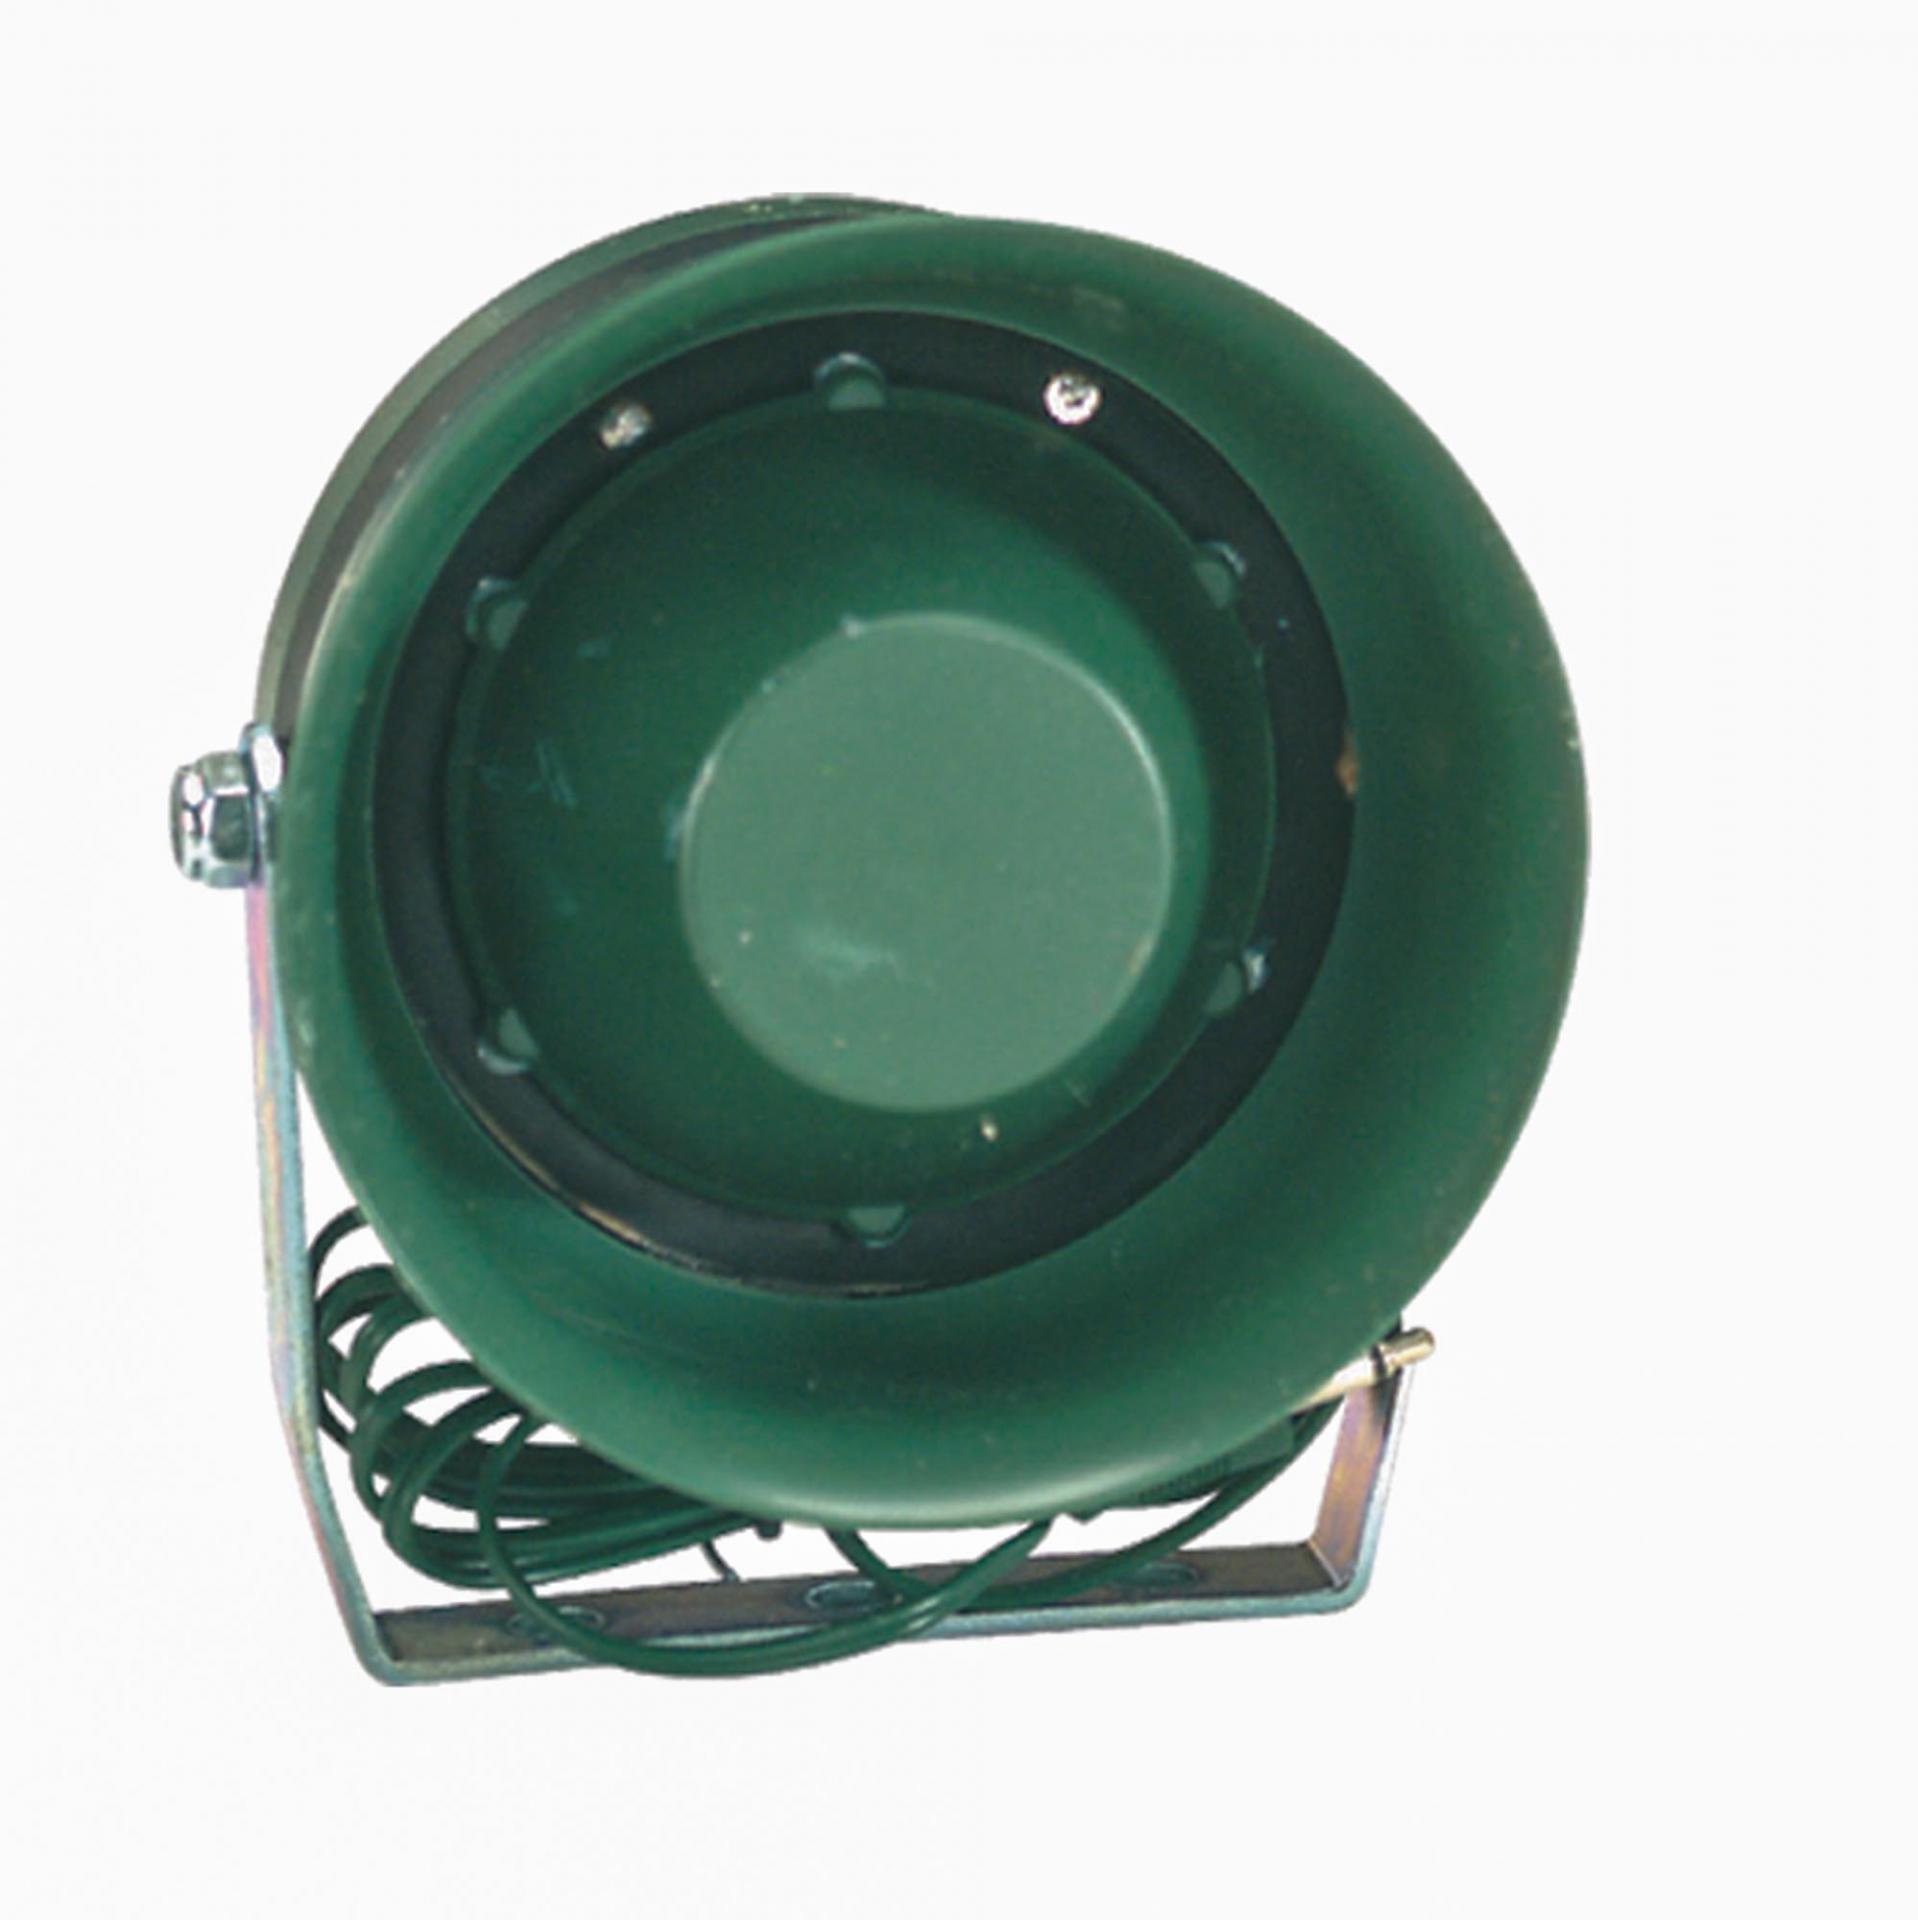 Haut parleur trombe 7 ohms pour appeaux e lectroniques mundi sound ou autre chez chasseur et compagnie